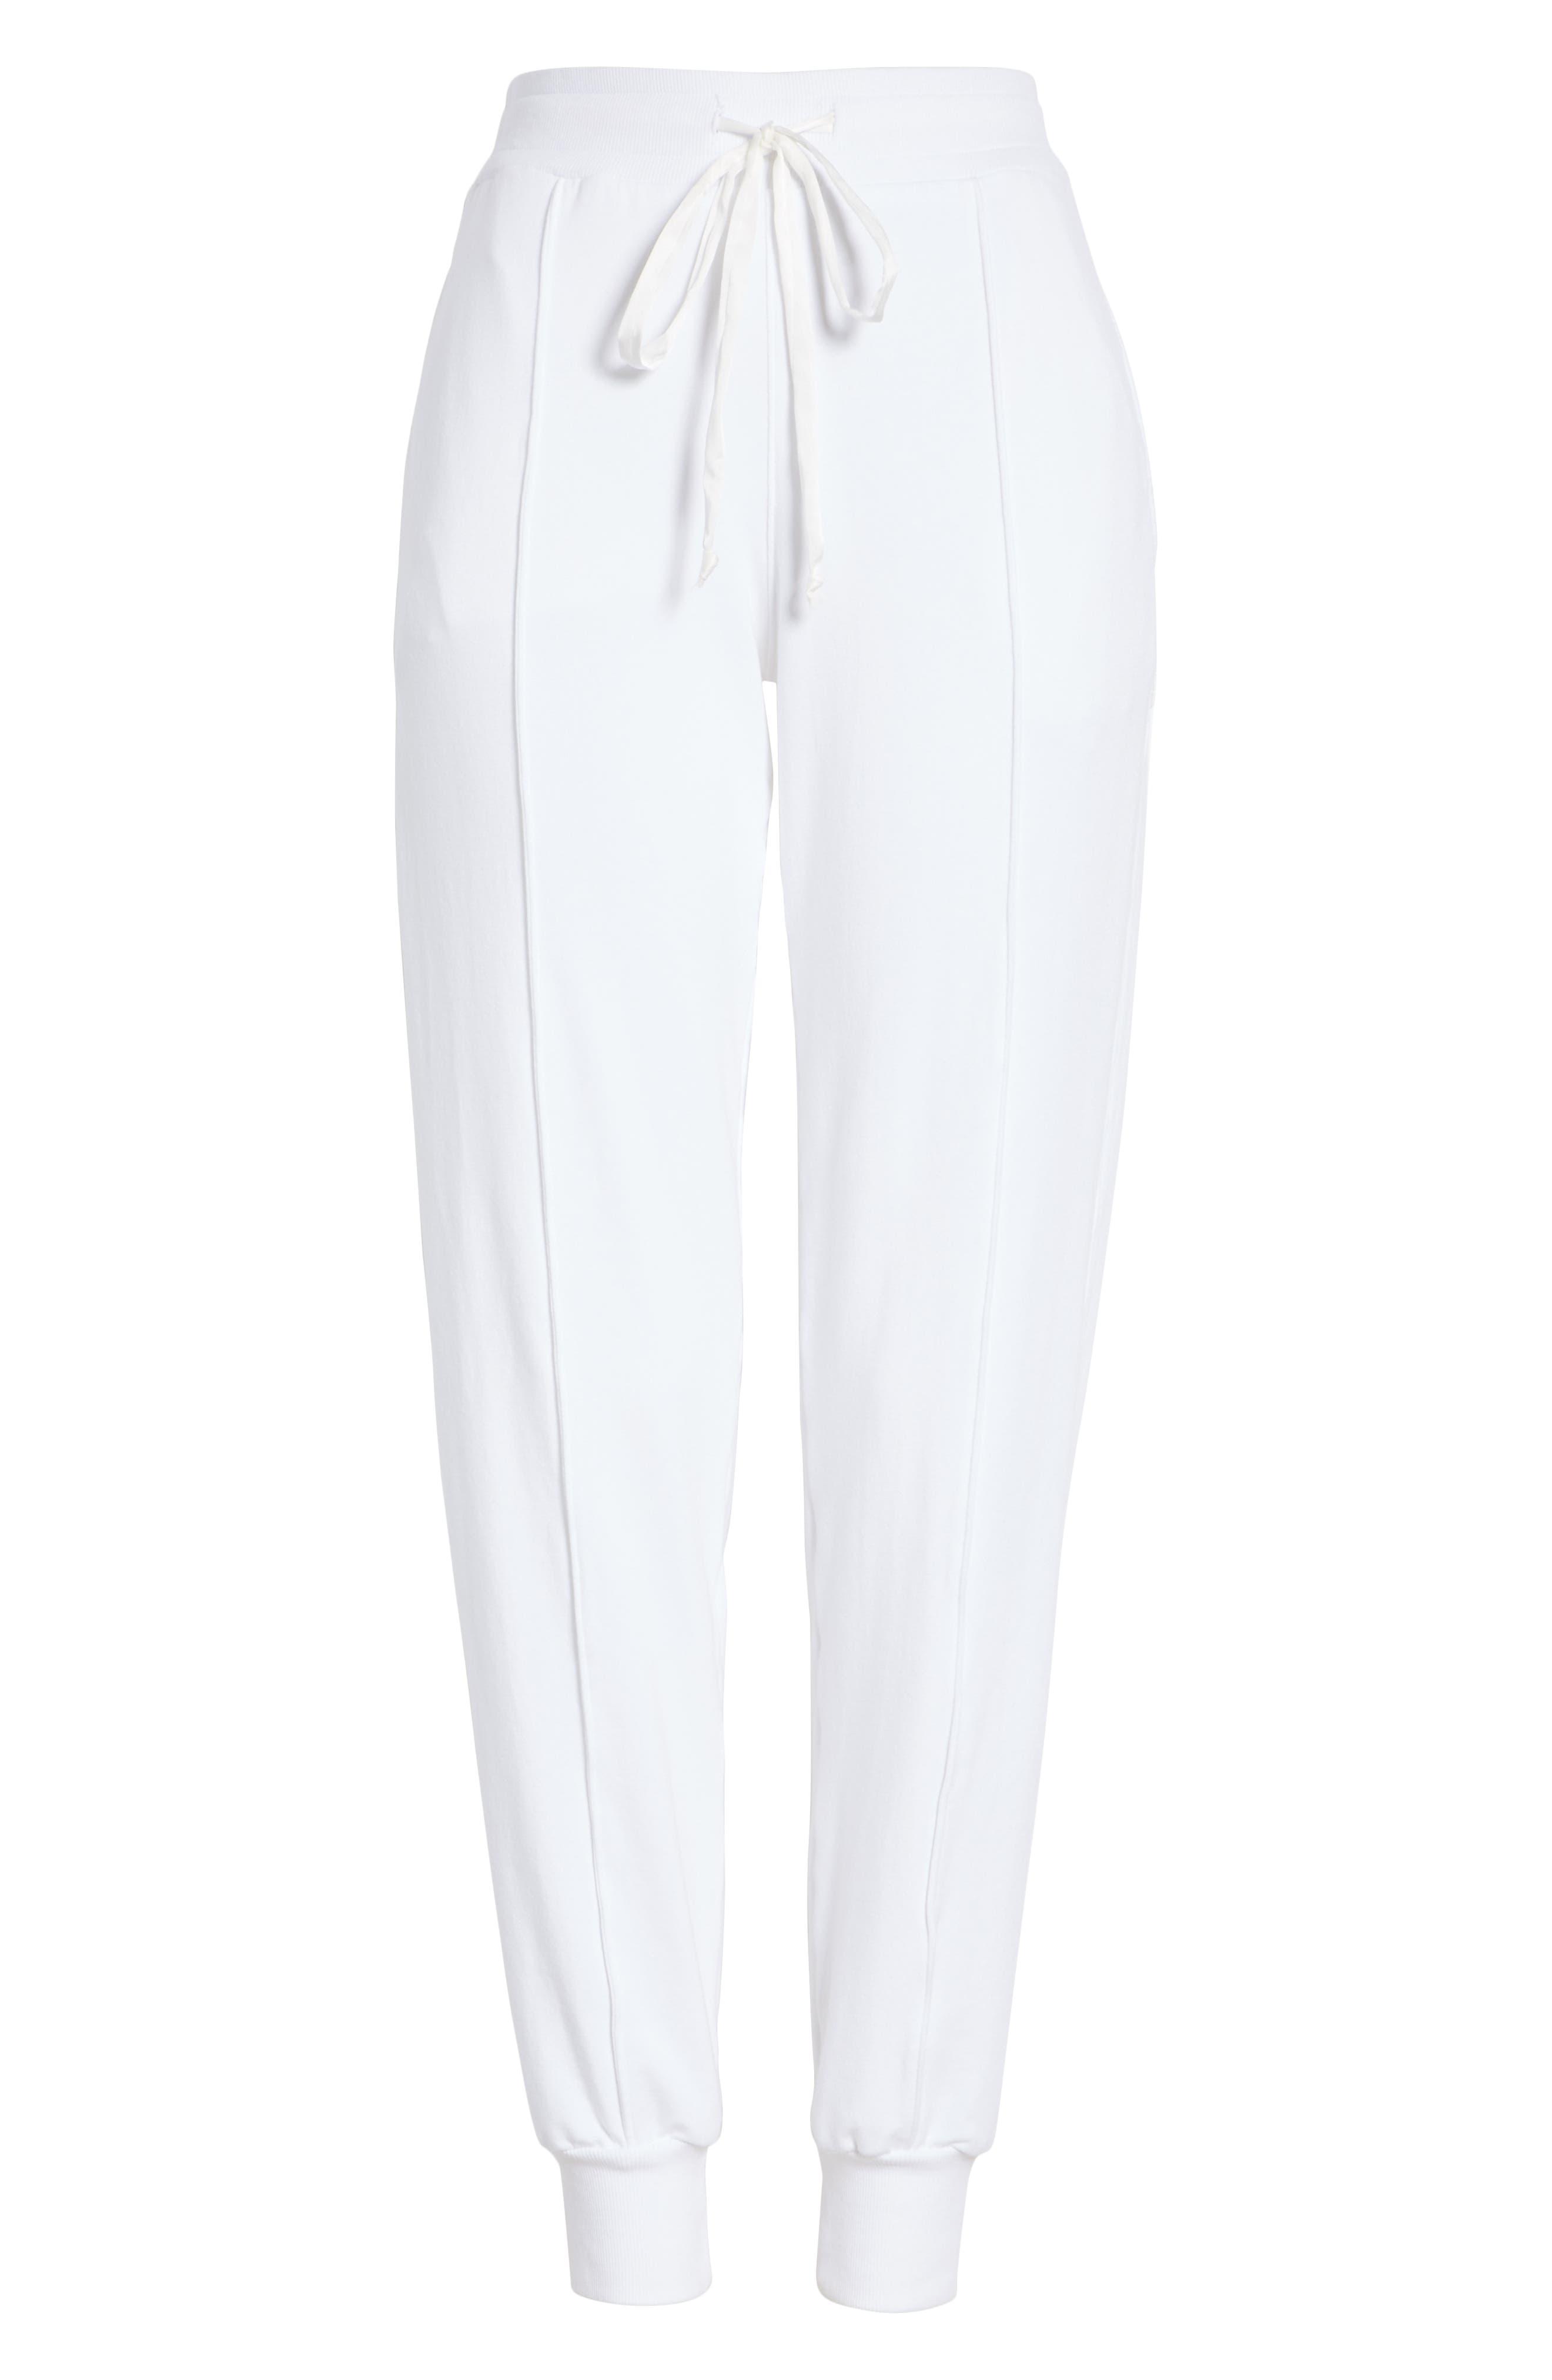 Sequin Cotton Blend Jogger Pants,                             Alternate thumbnail 6, color,                             WHITE